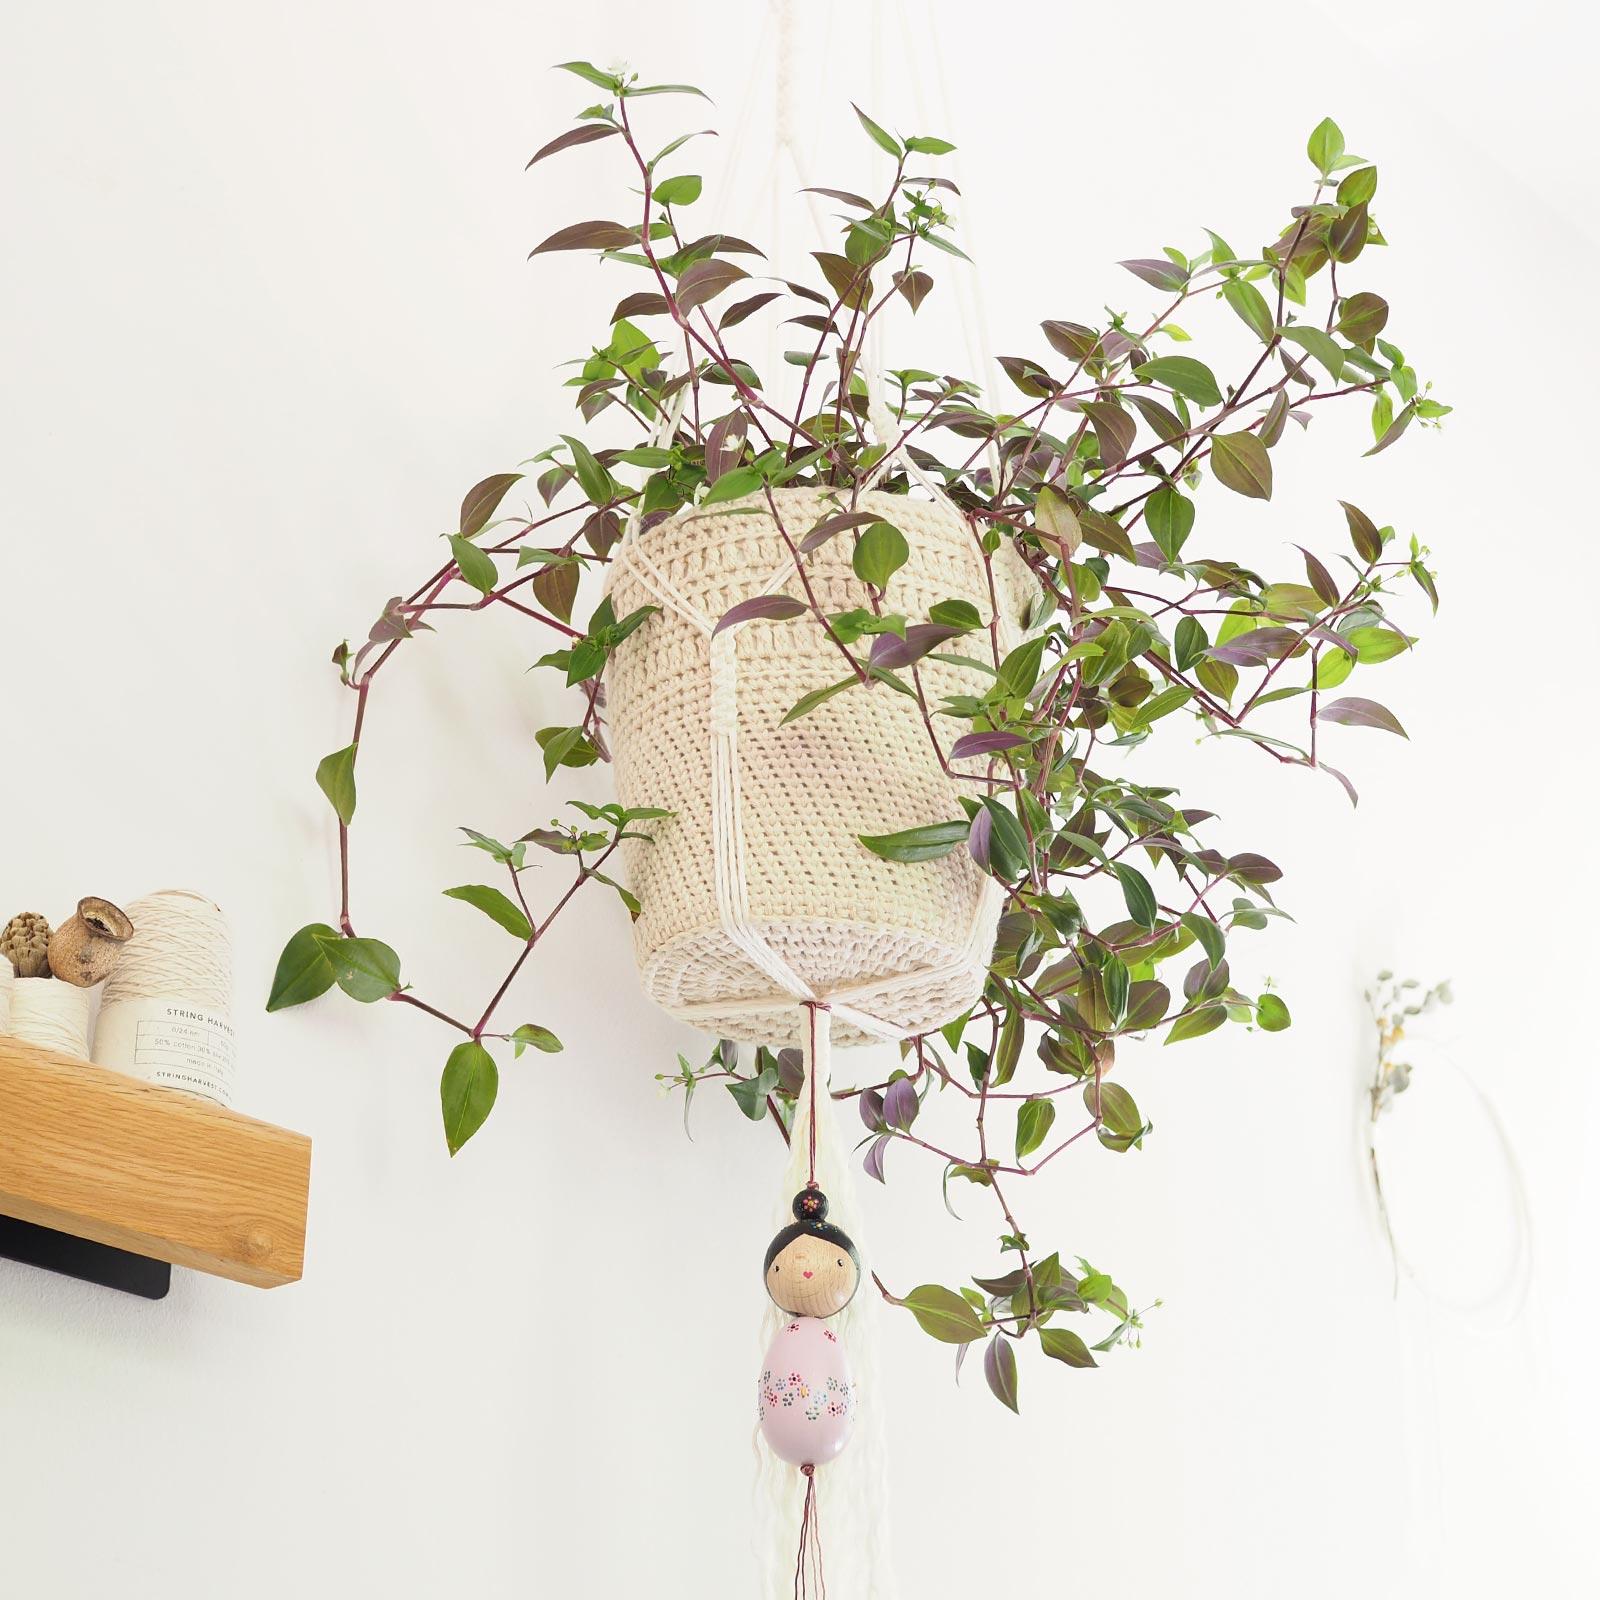 macramé coton crochet lin plant hanger misere Fluminensis Pink Hill laboutiquedemelimelo